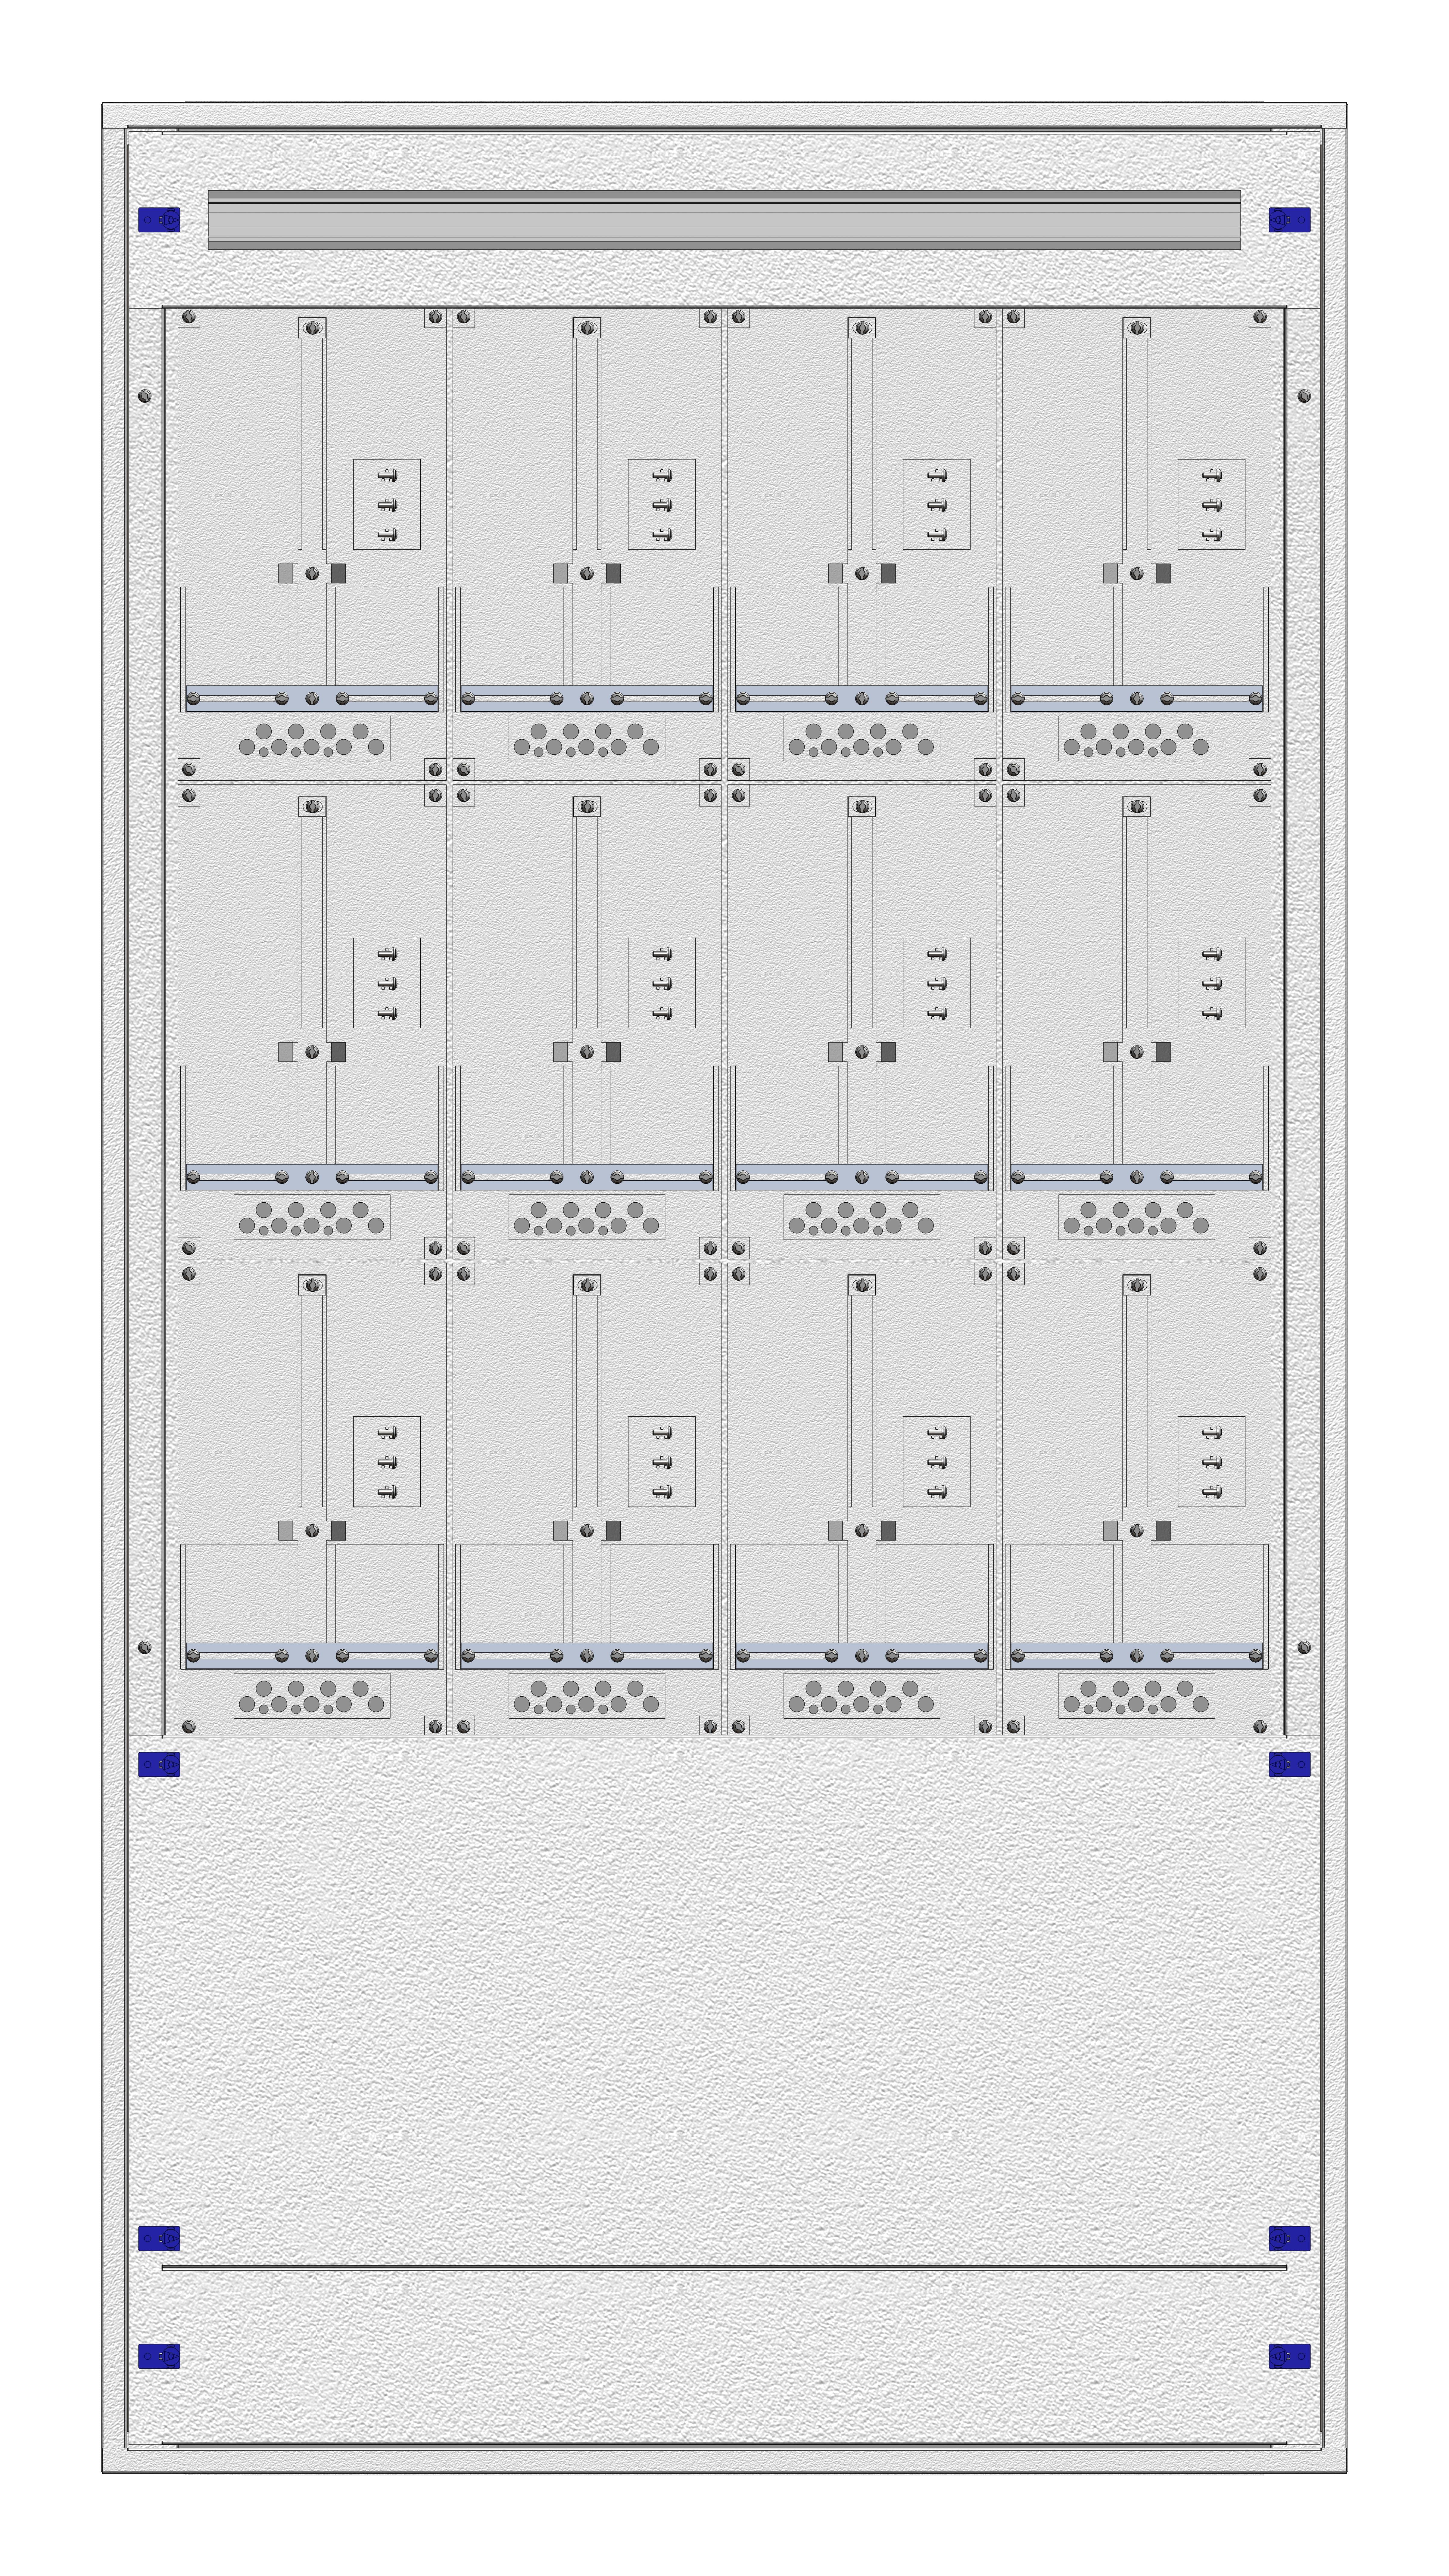 1 Stk Masken-Zählerverteiler 4M-39M/WIEN 12ZP, H1855B980T200mm IL122439WS